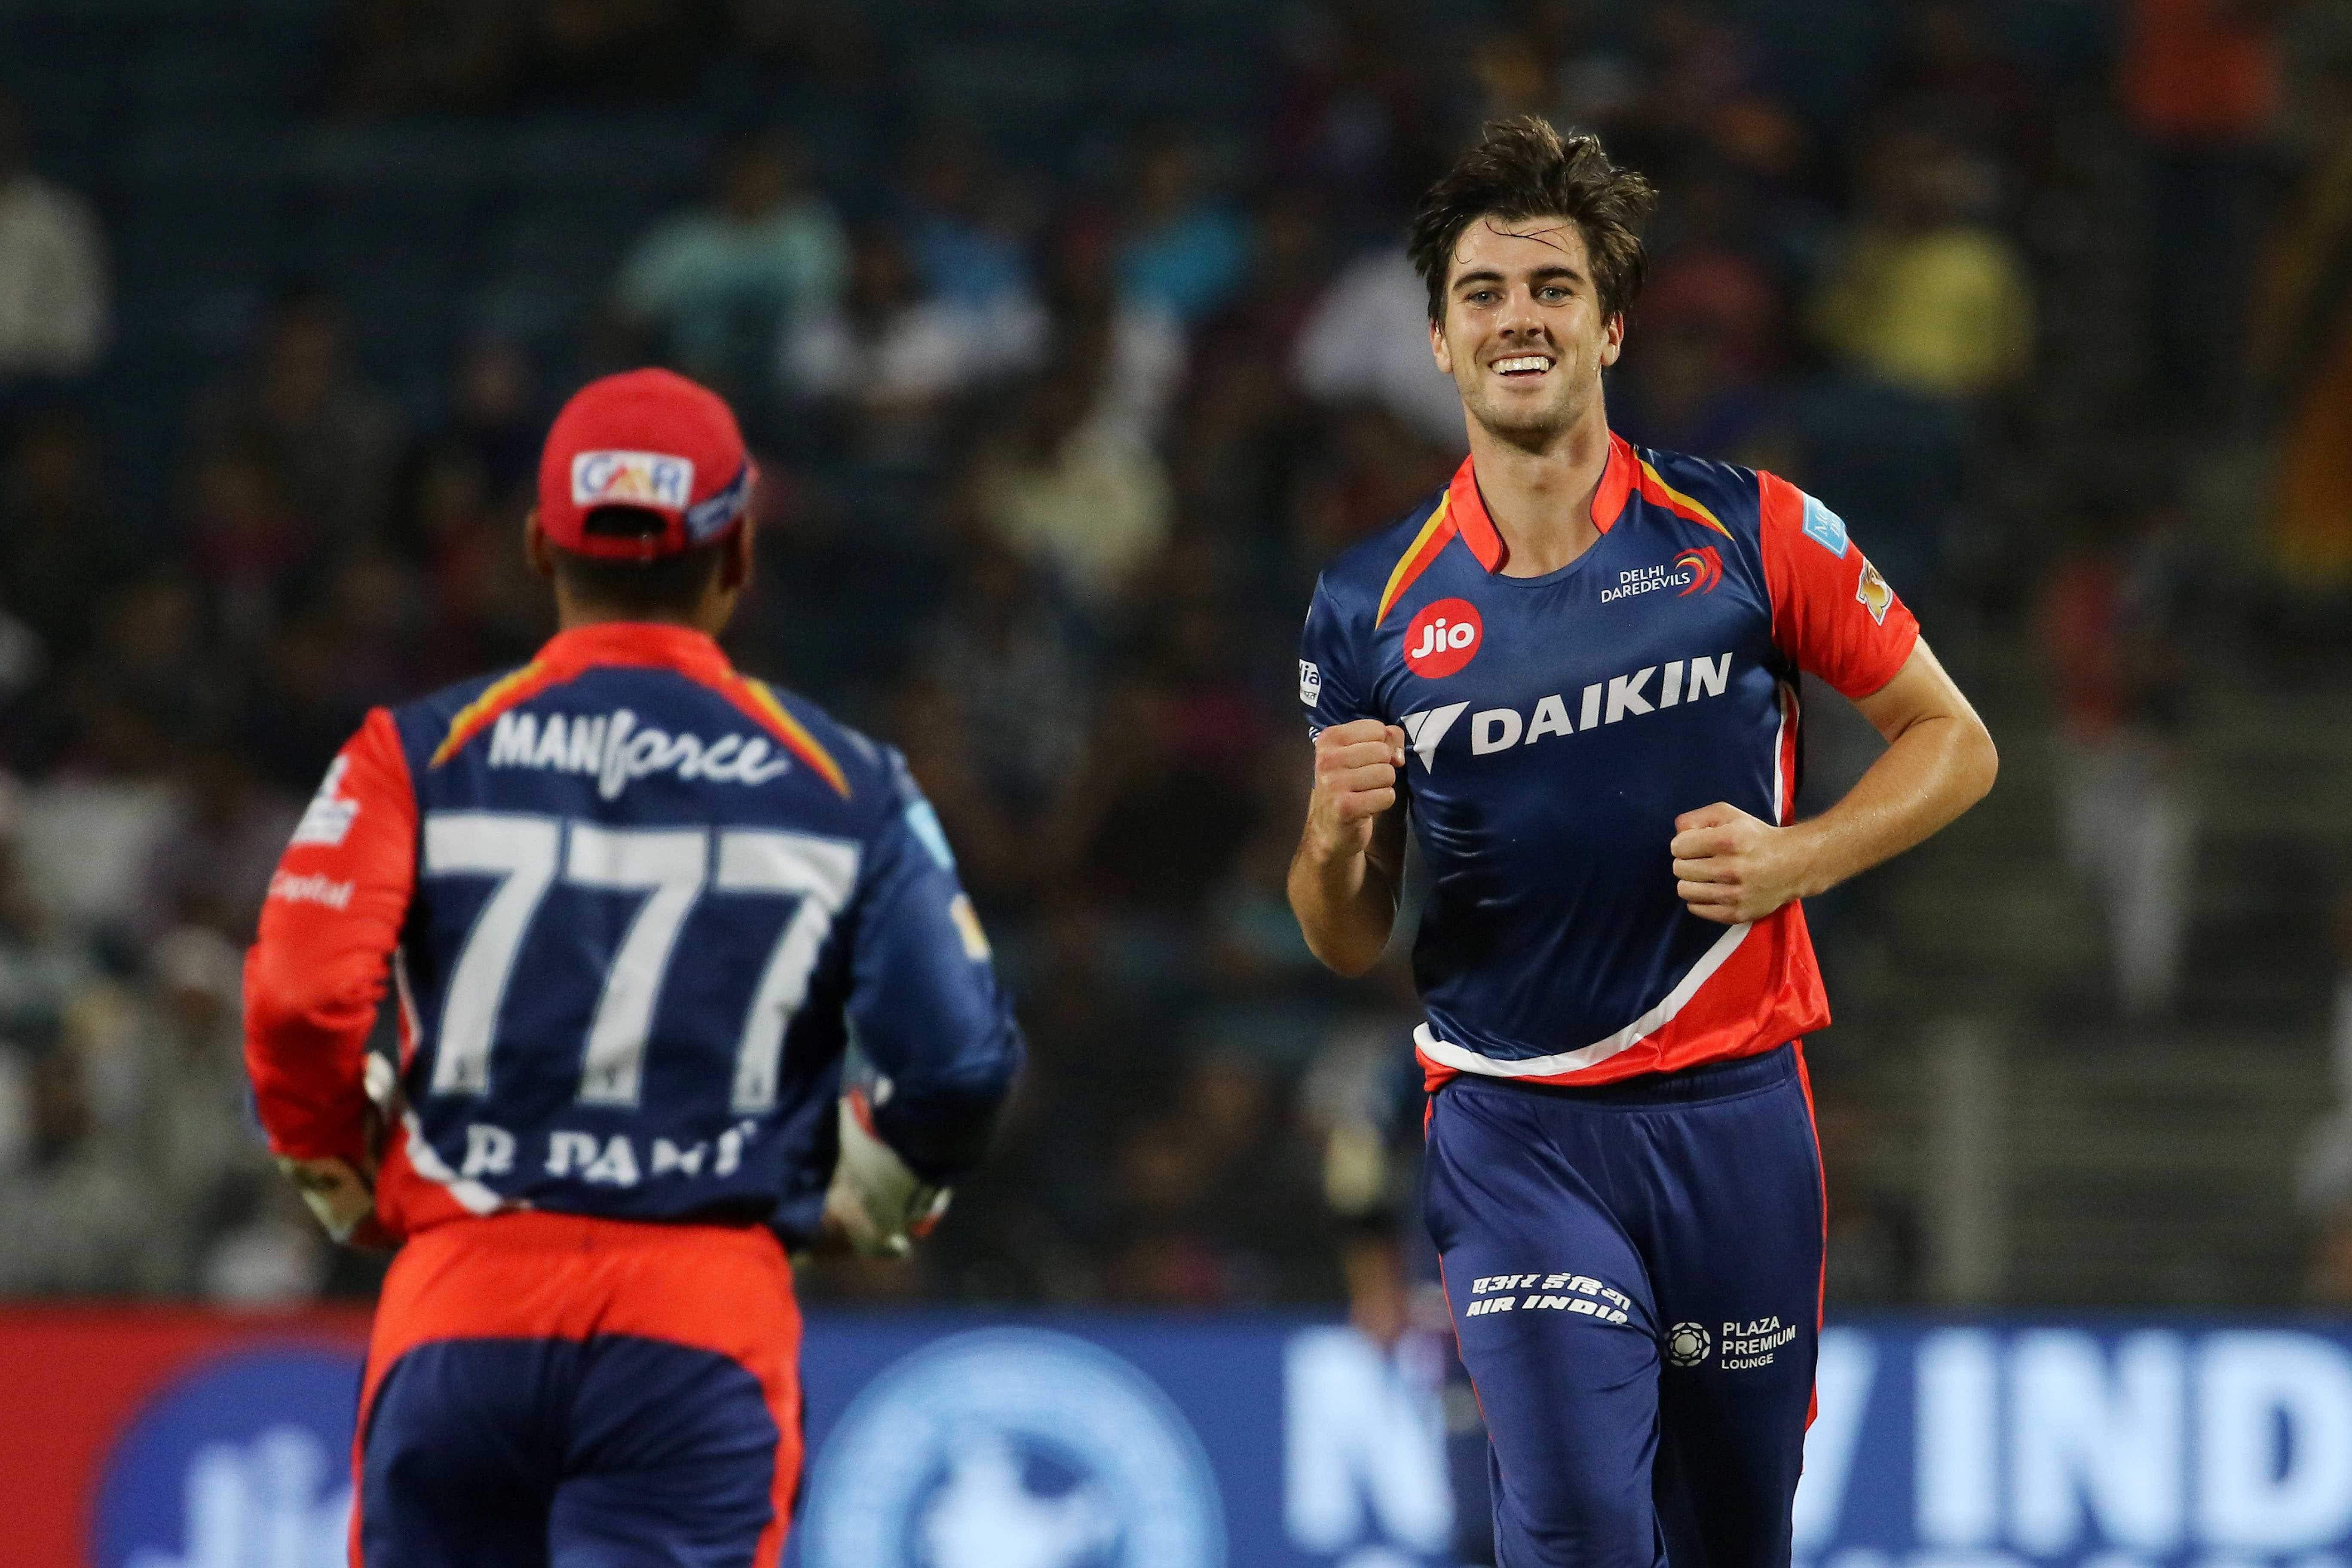 आईपीएल 2018: रविन्द्र जडेजा और जसप्रीत बुमराह से भी महंगी कीमत पर नीलामी में बिक सकता है यह दिग्गज गेंदबाज 2